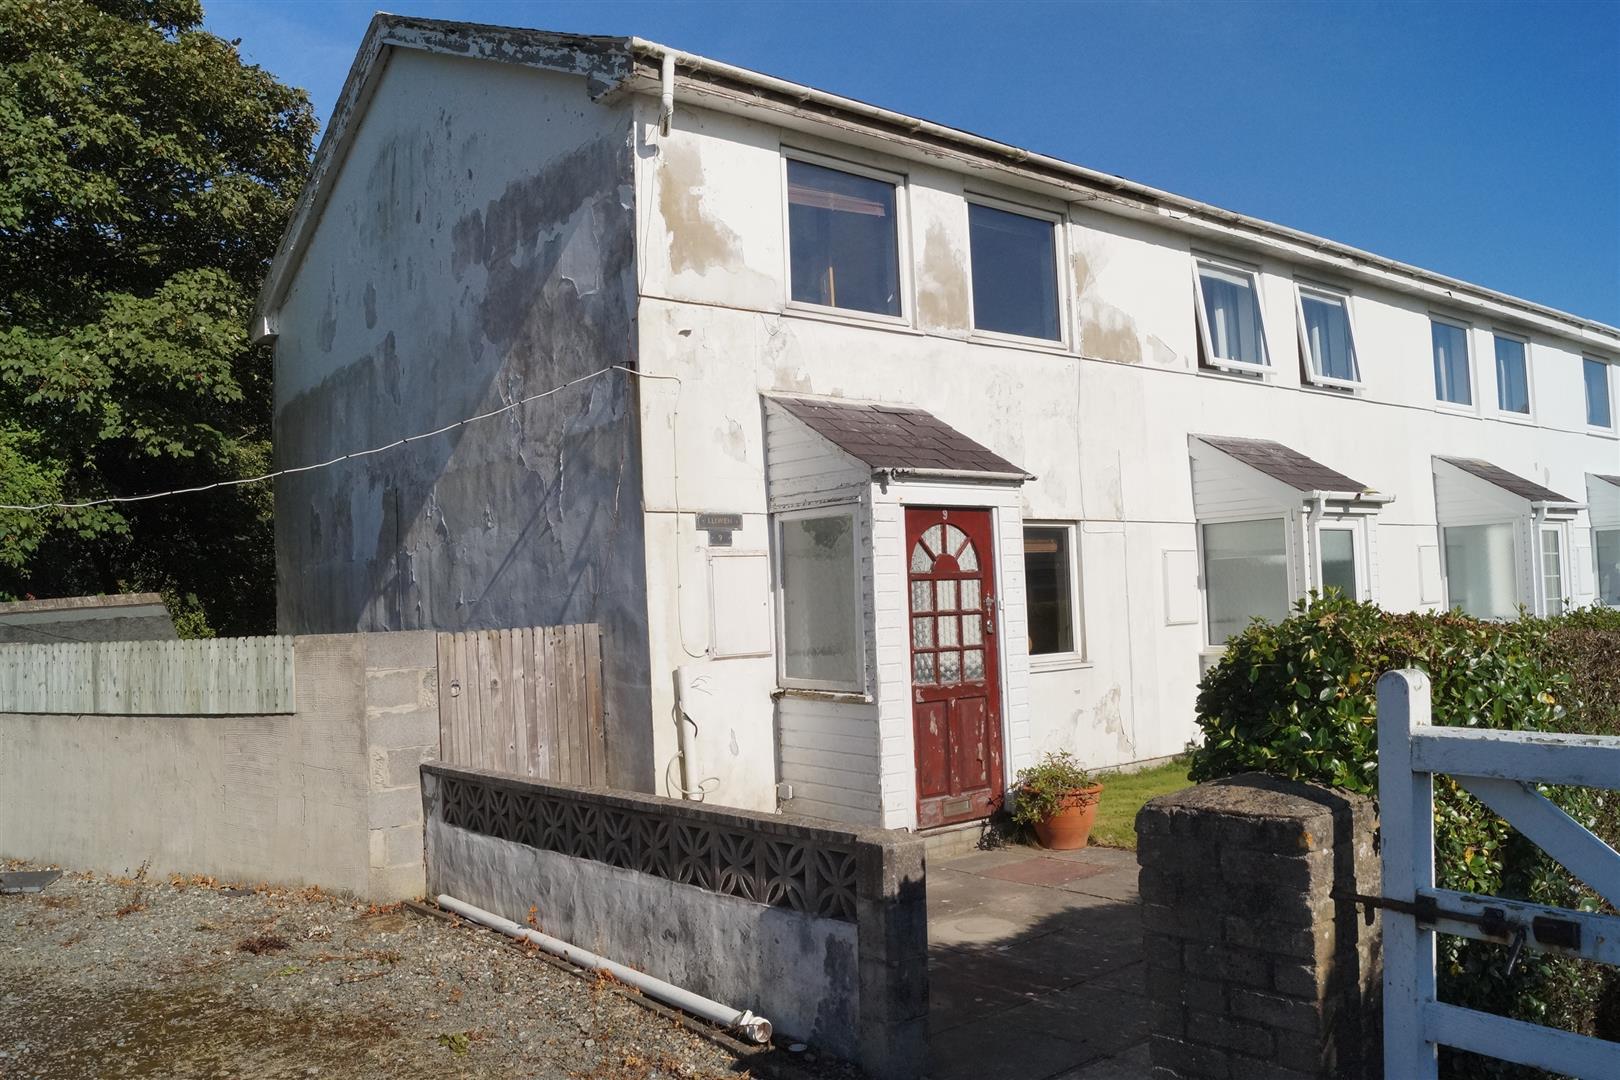 Llwyn Gwalch Estate, Morfa Nefyn, Pwllheli